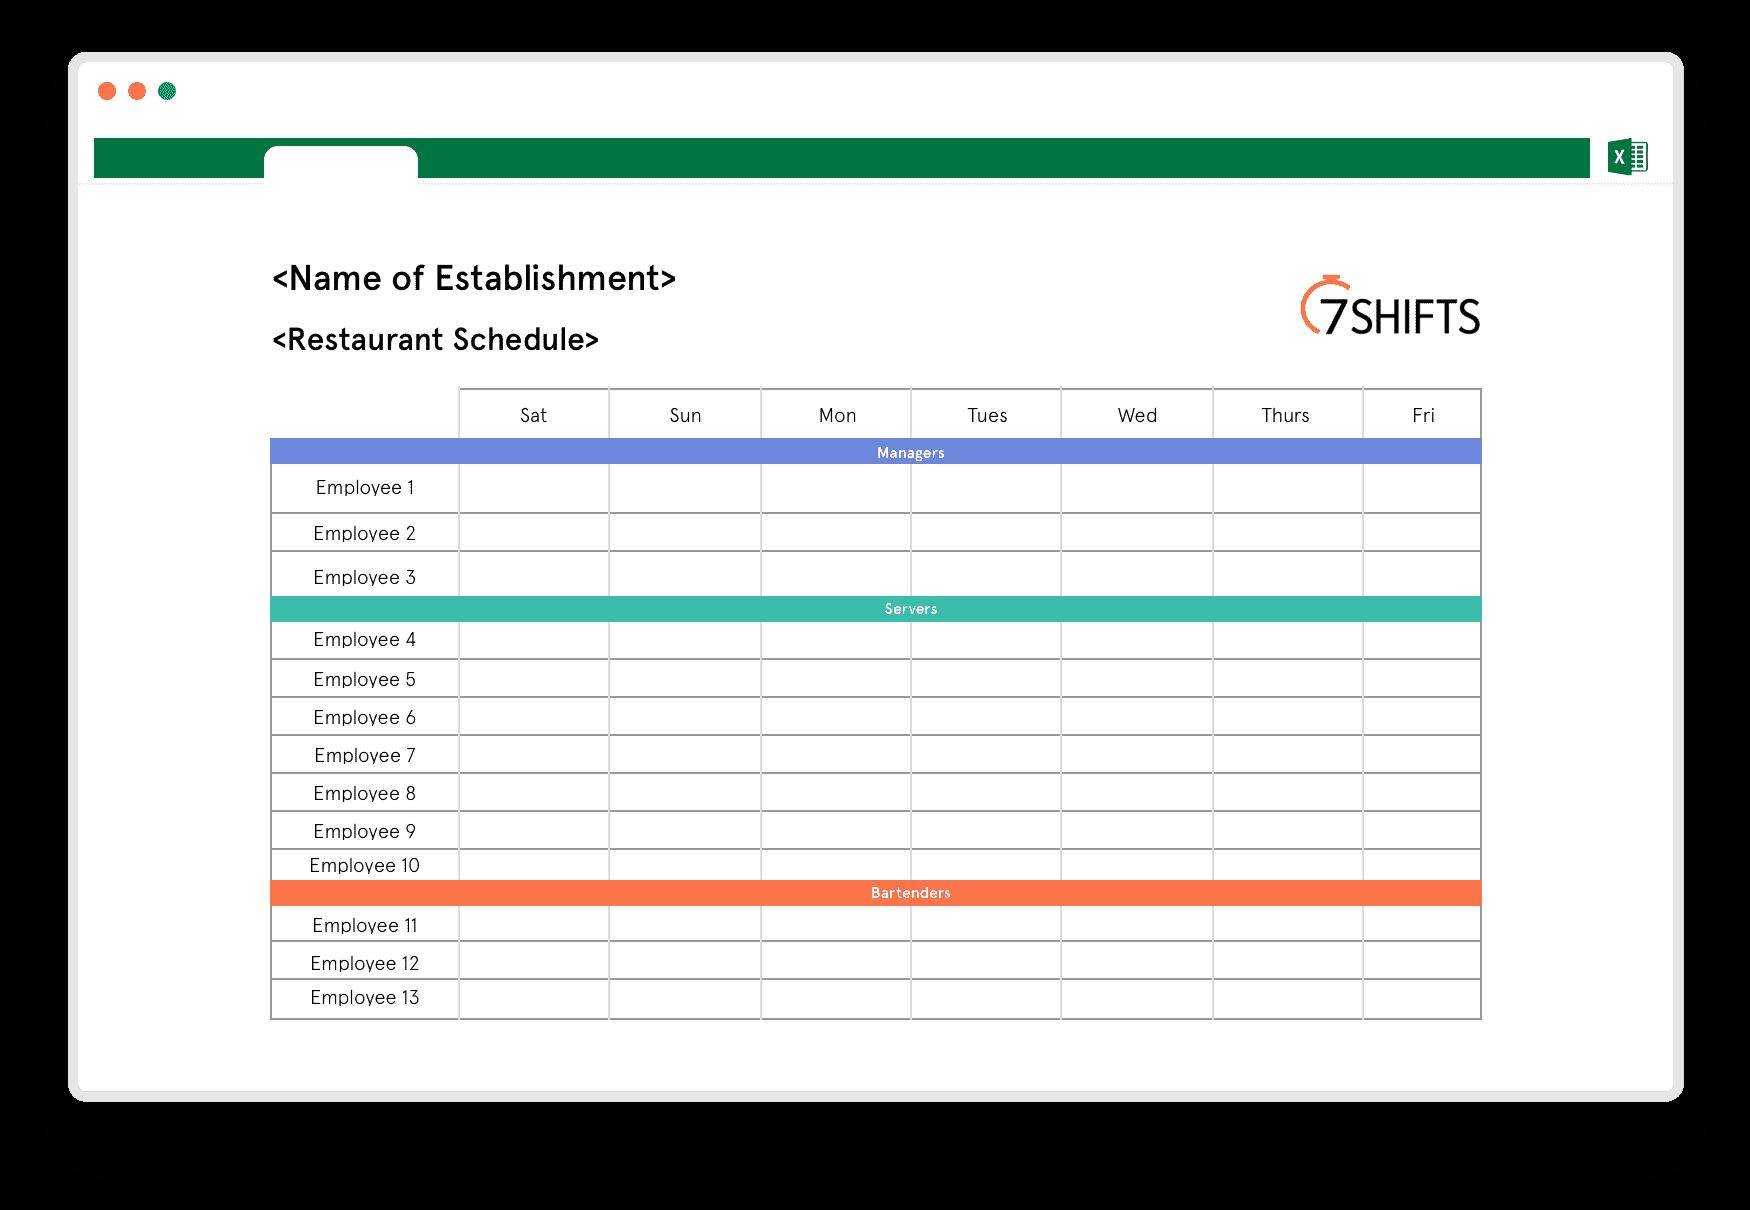 Restaurant Schedule Excel Template